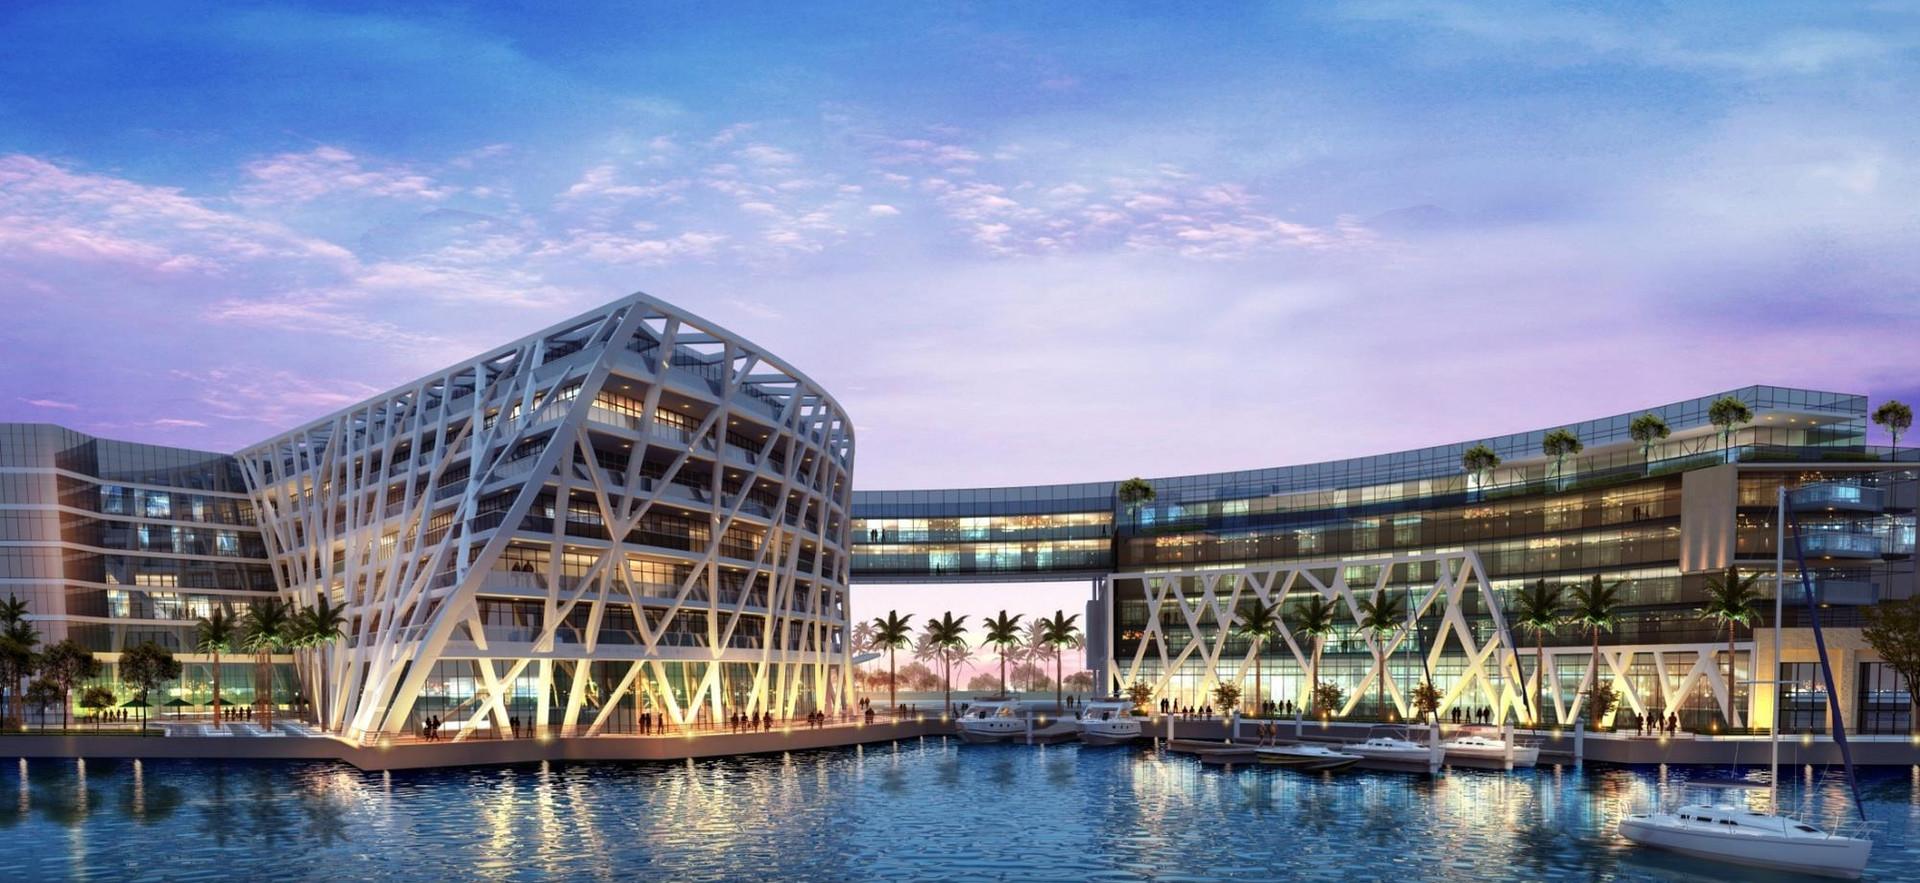 Abu Dhabi Marina Bloom, UAE